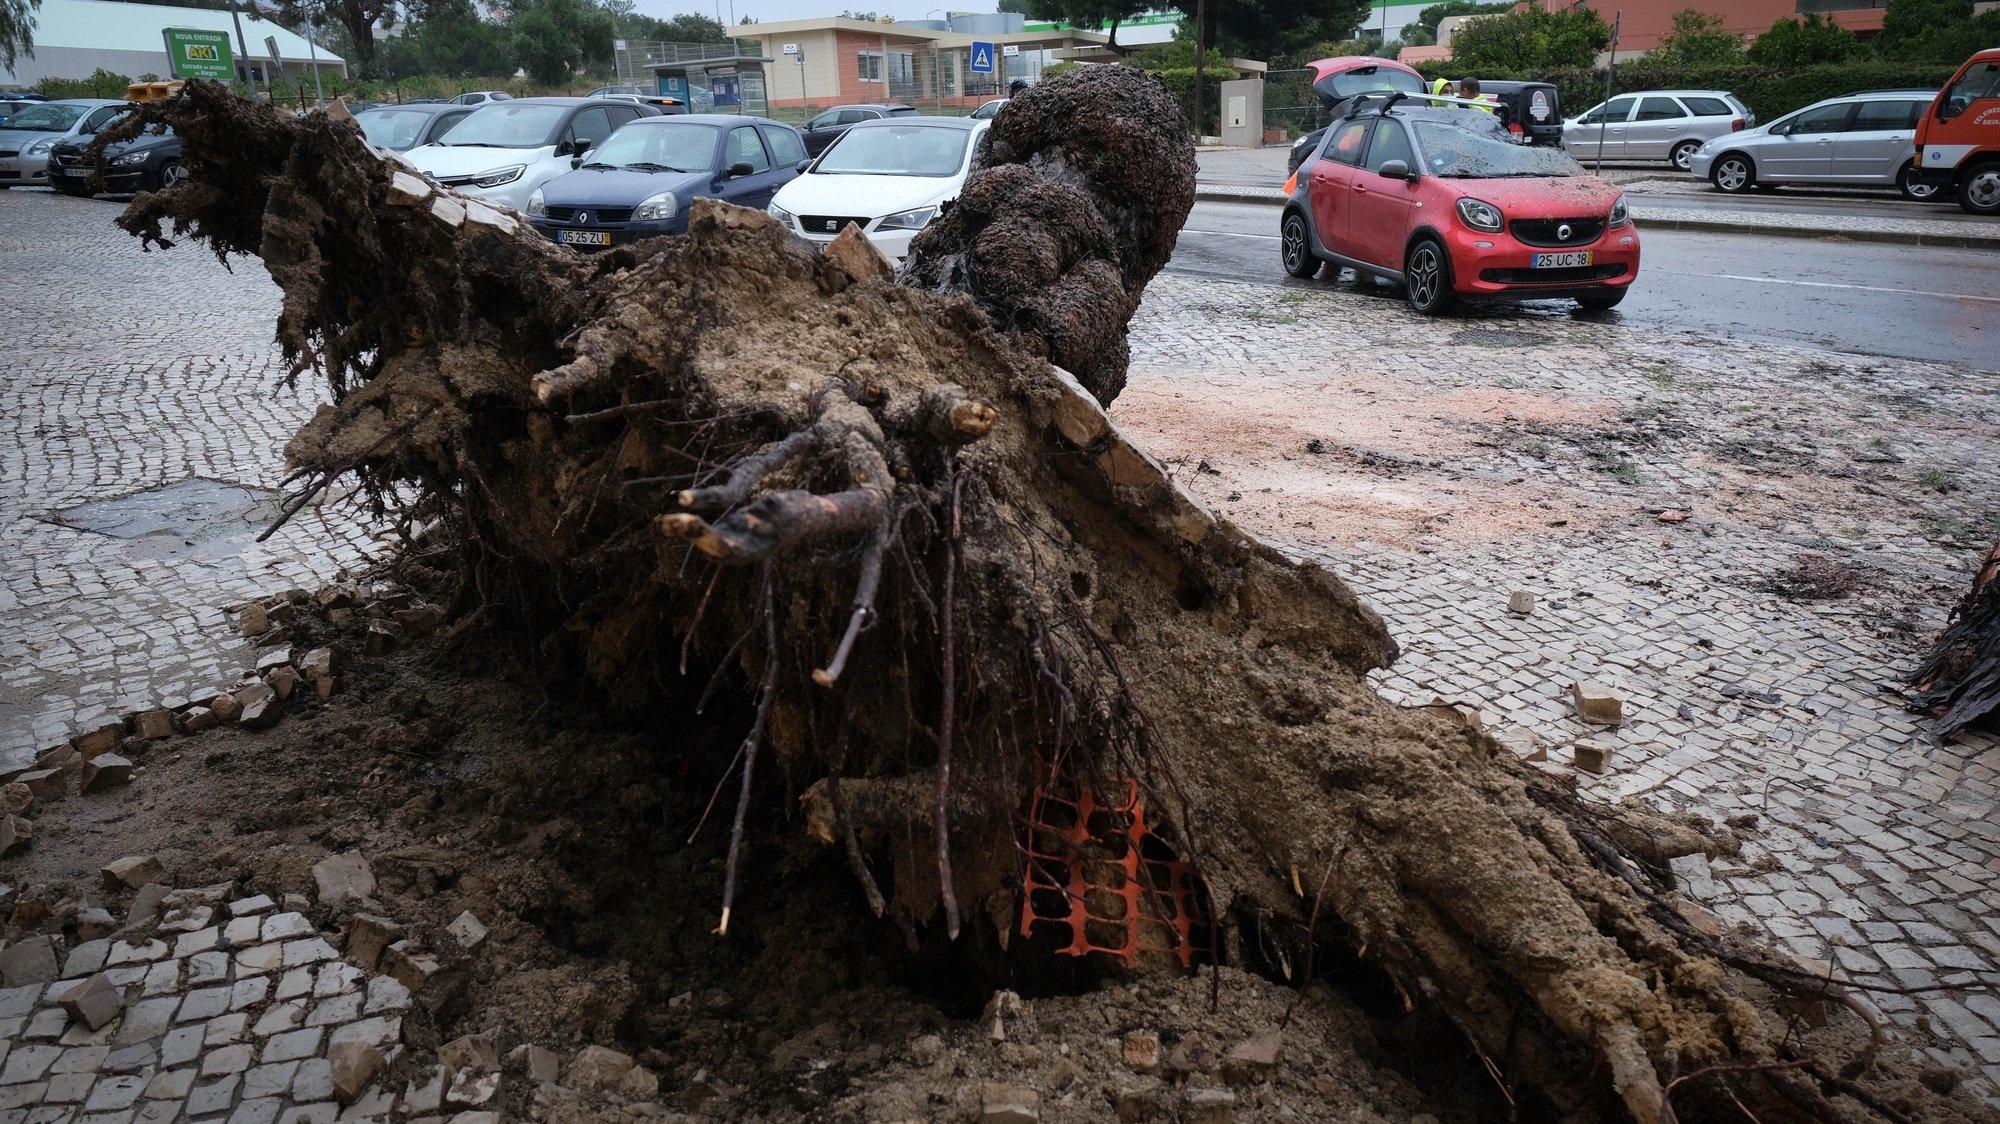 Quedas de árvores, estruturas e veículos danificados pela depressão Bárbara em Setúbal, 20 de outubro de 2020. A depressão Bárbara vai atravessar as regiões Norte e Centro durante a tarde de hoje, verificando-se chuva intensa em oito distritos e vento forte em todo o território nacional, segundo o Instituto Português do Mar e da Atmosfera (IPMA). RUI MINDERICO/LUSA